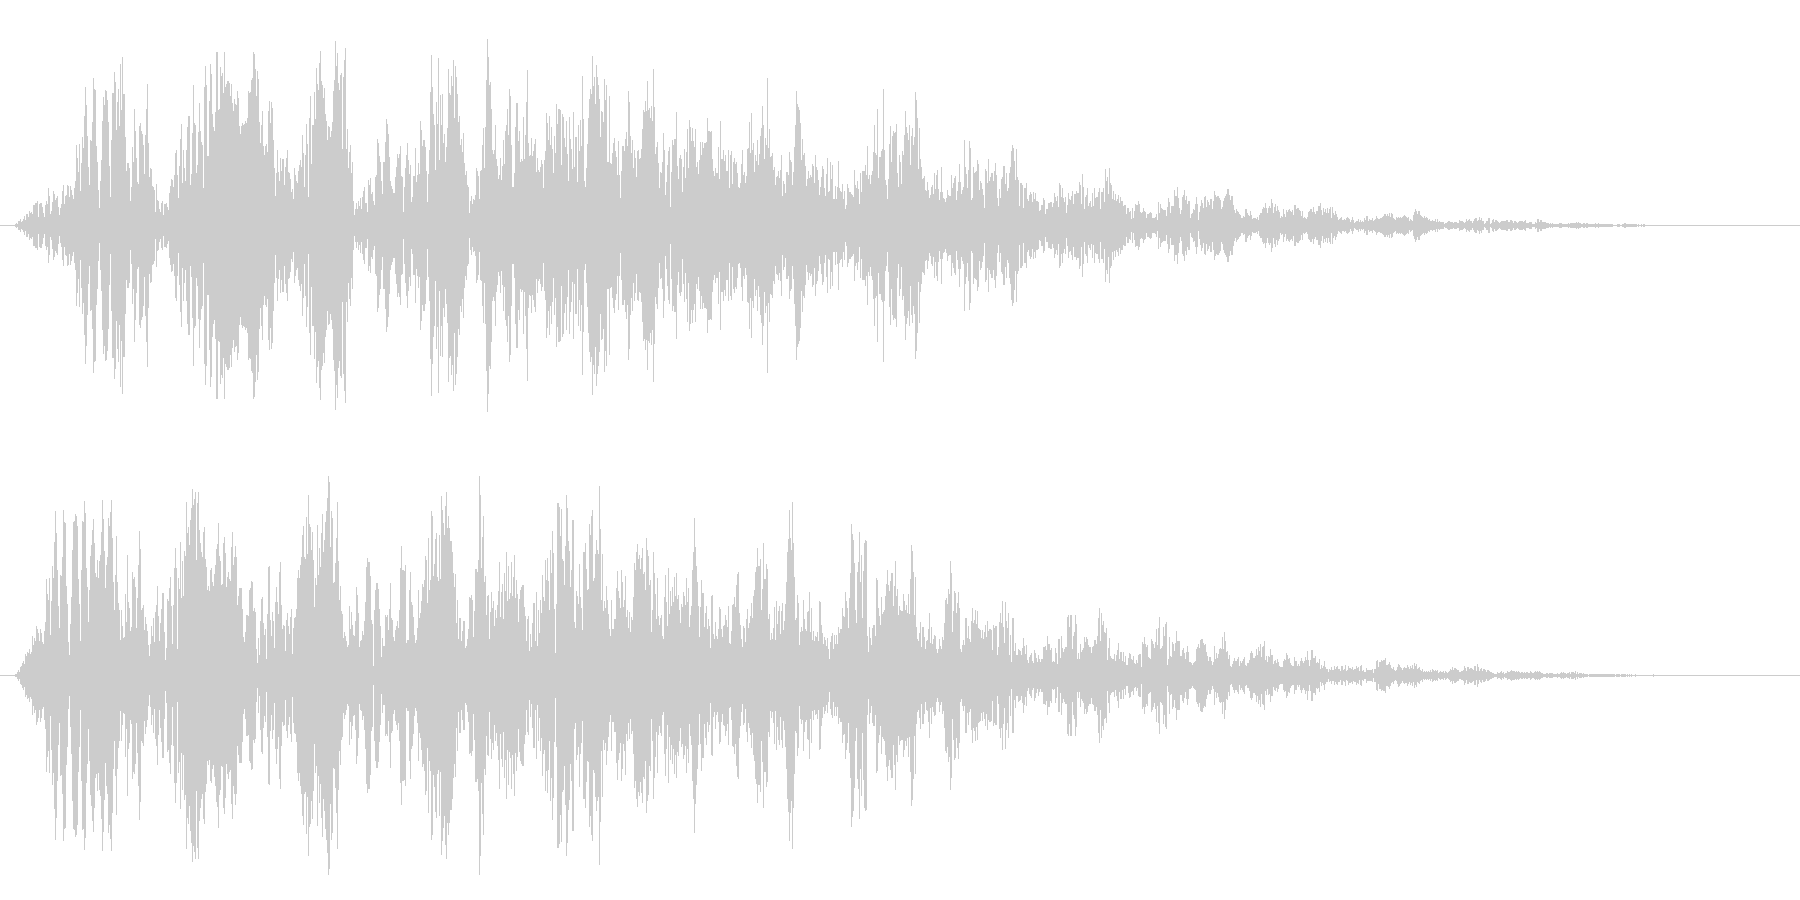 ピュルルルルルルン(下がっていく)の未再生の波形